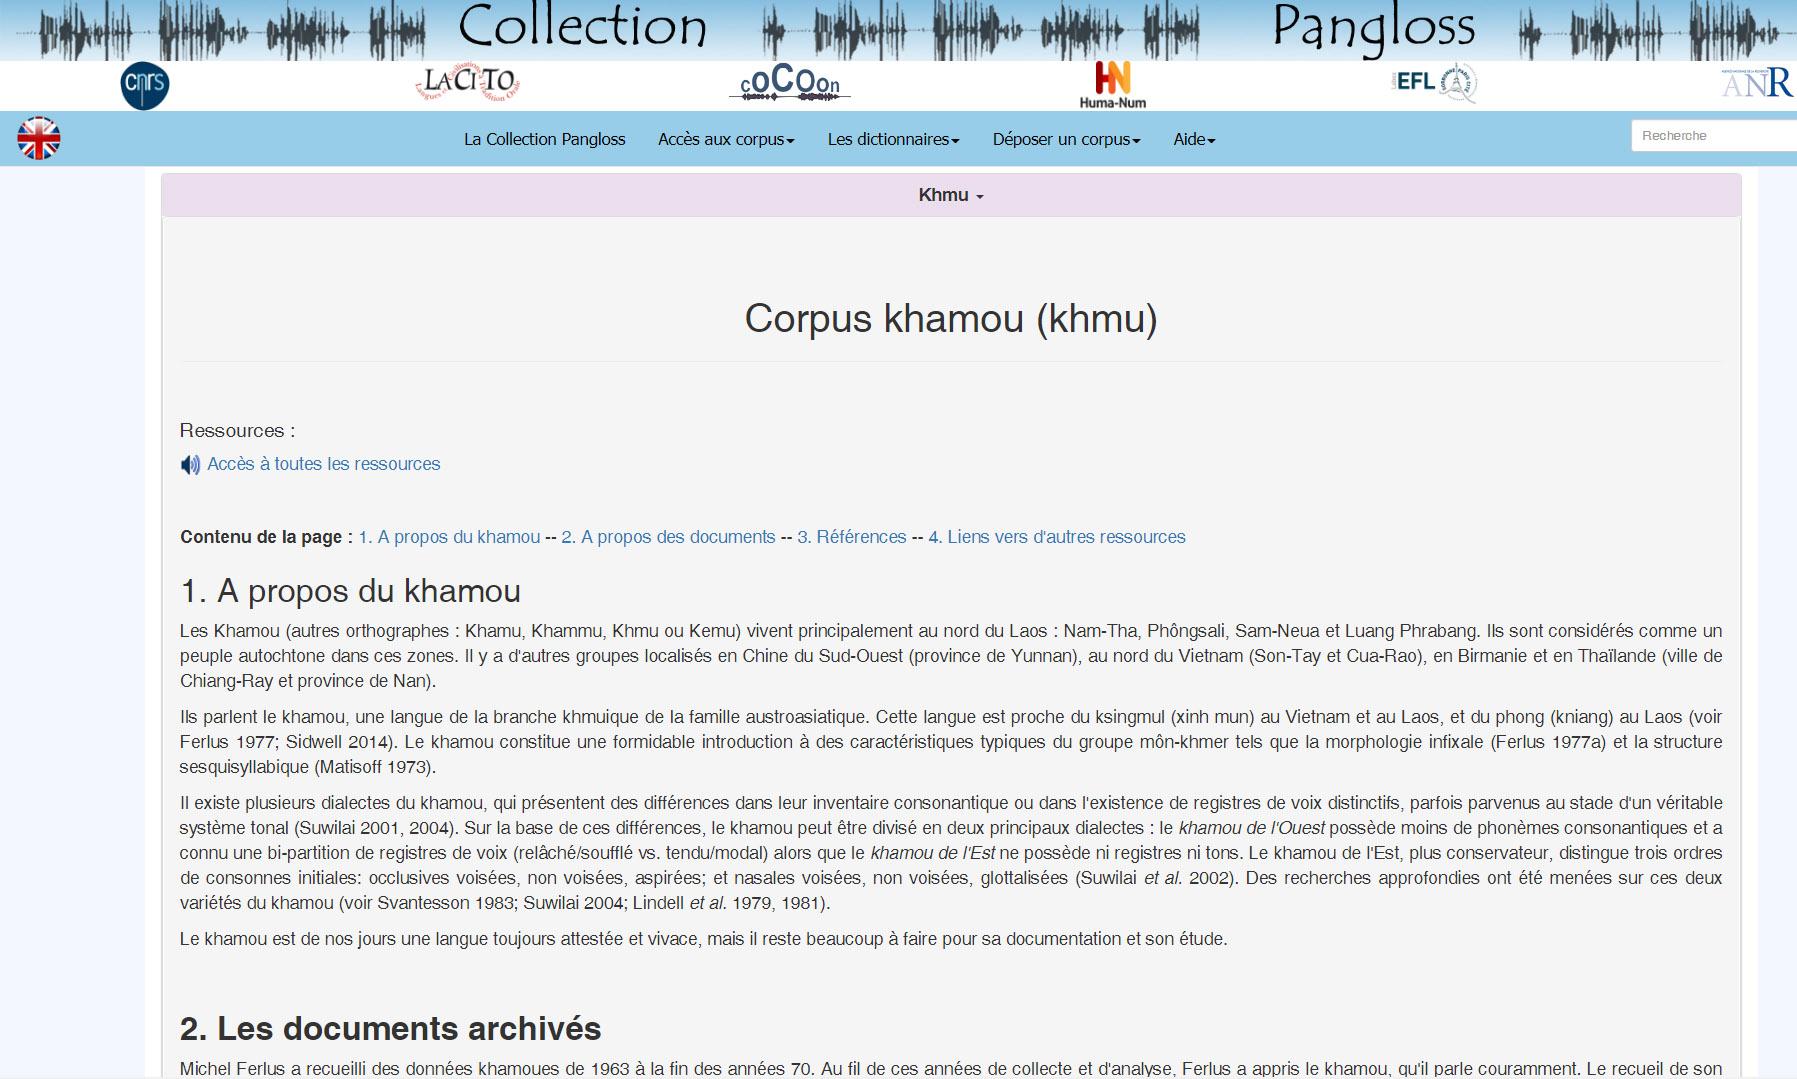 Présentation du corpus khamou (khmu) dans la Collection Pangloss